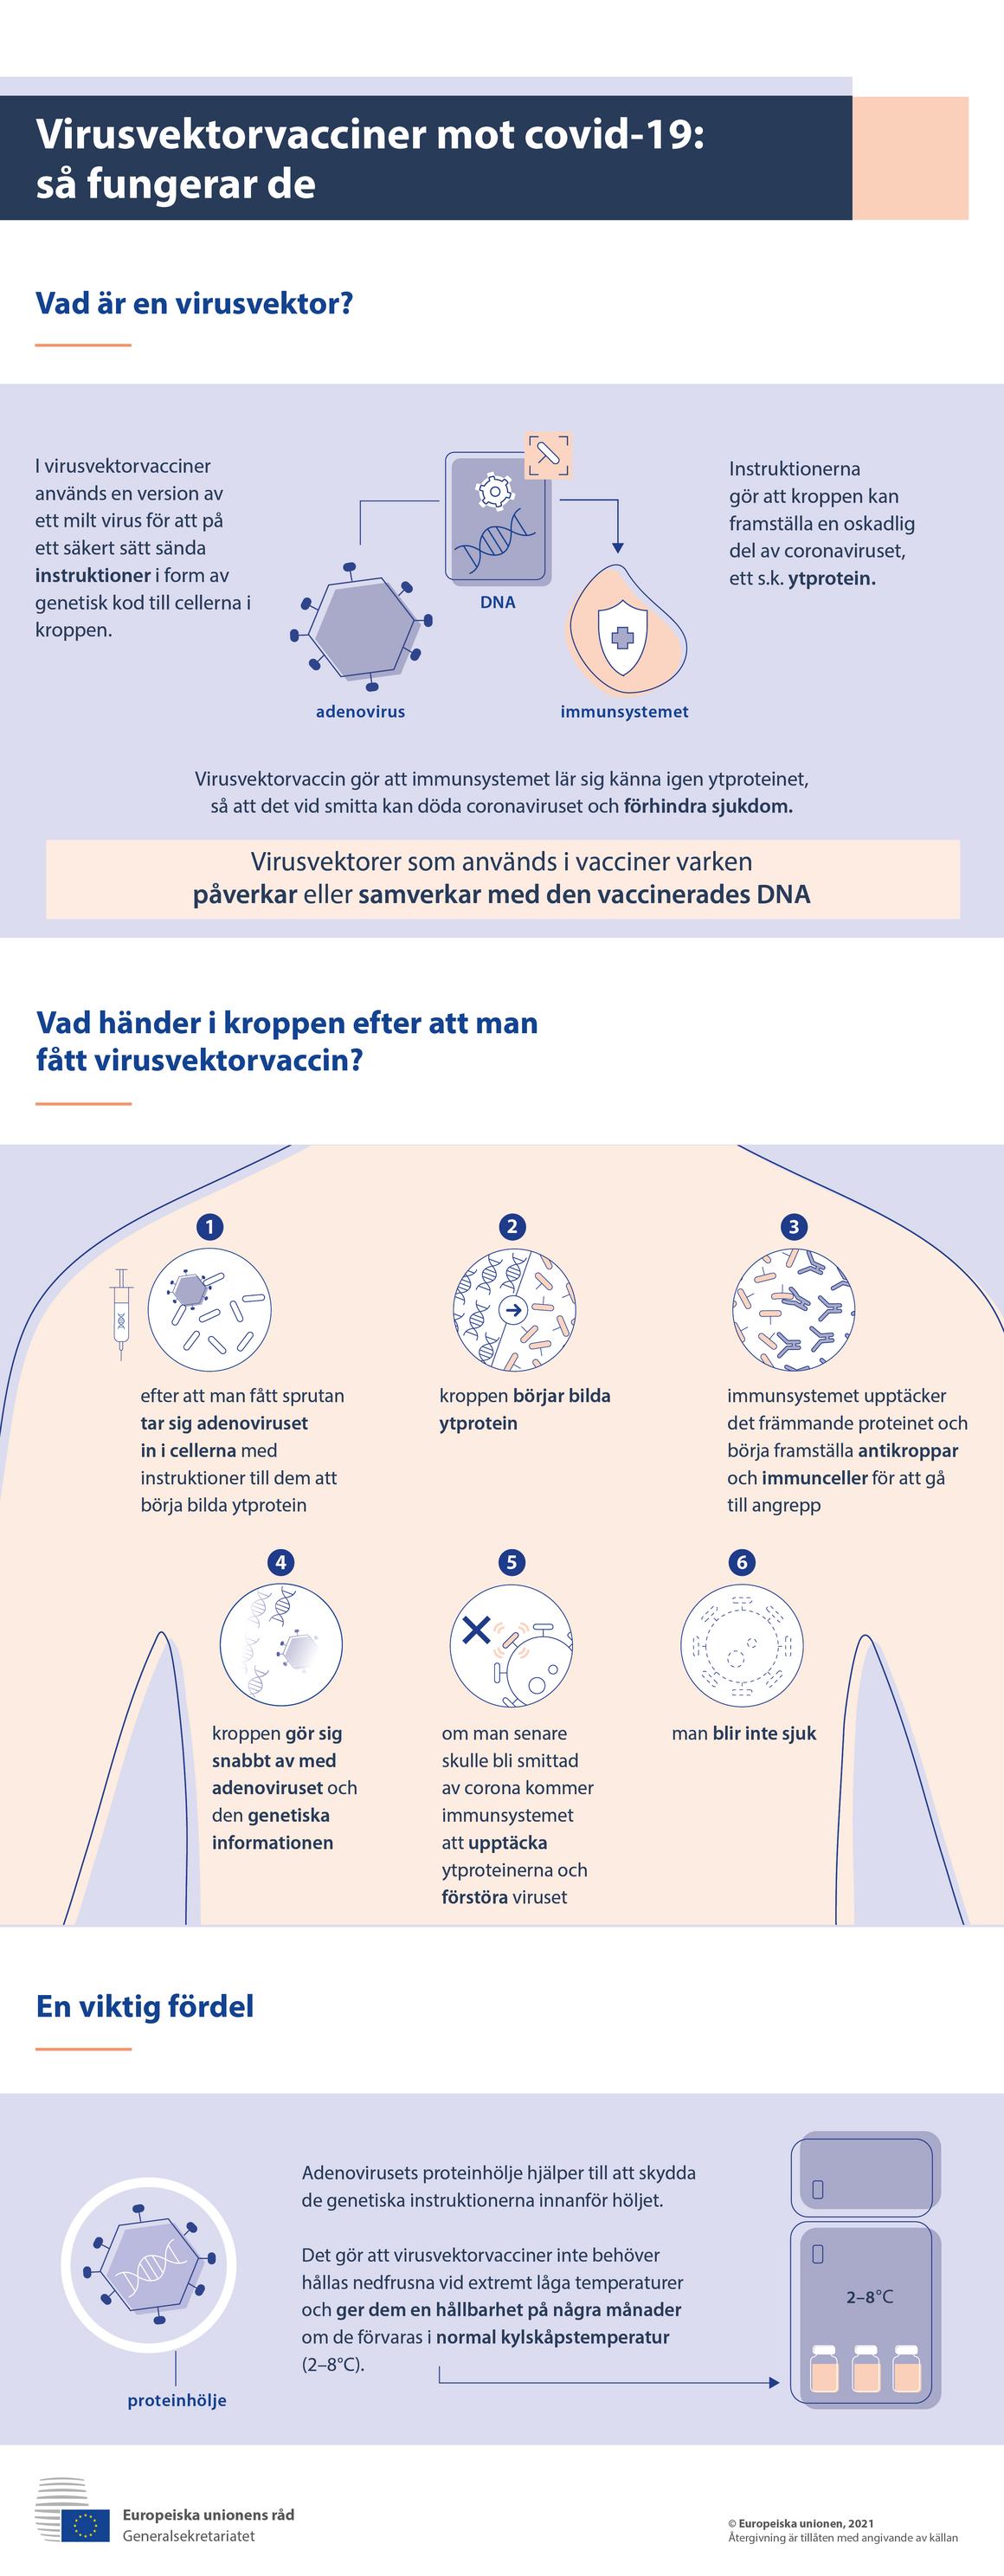 Infografik – Virusvektorvacciner mot covid-19: så fungerar de